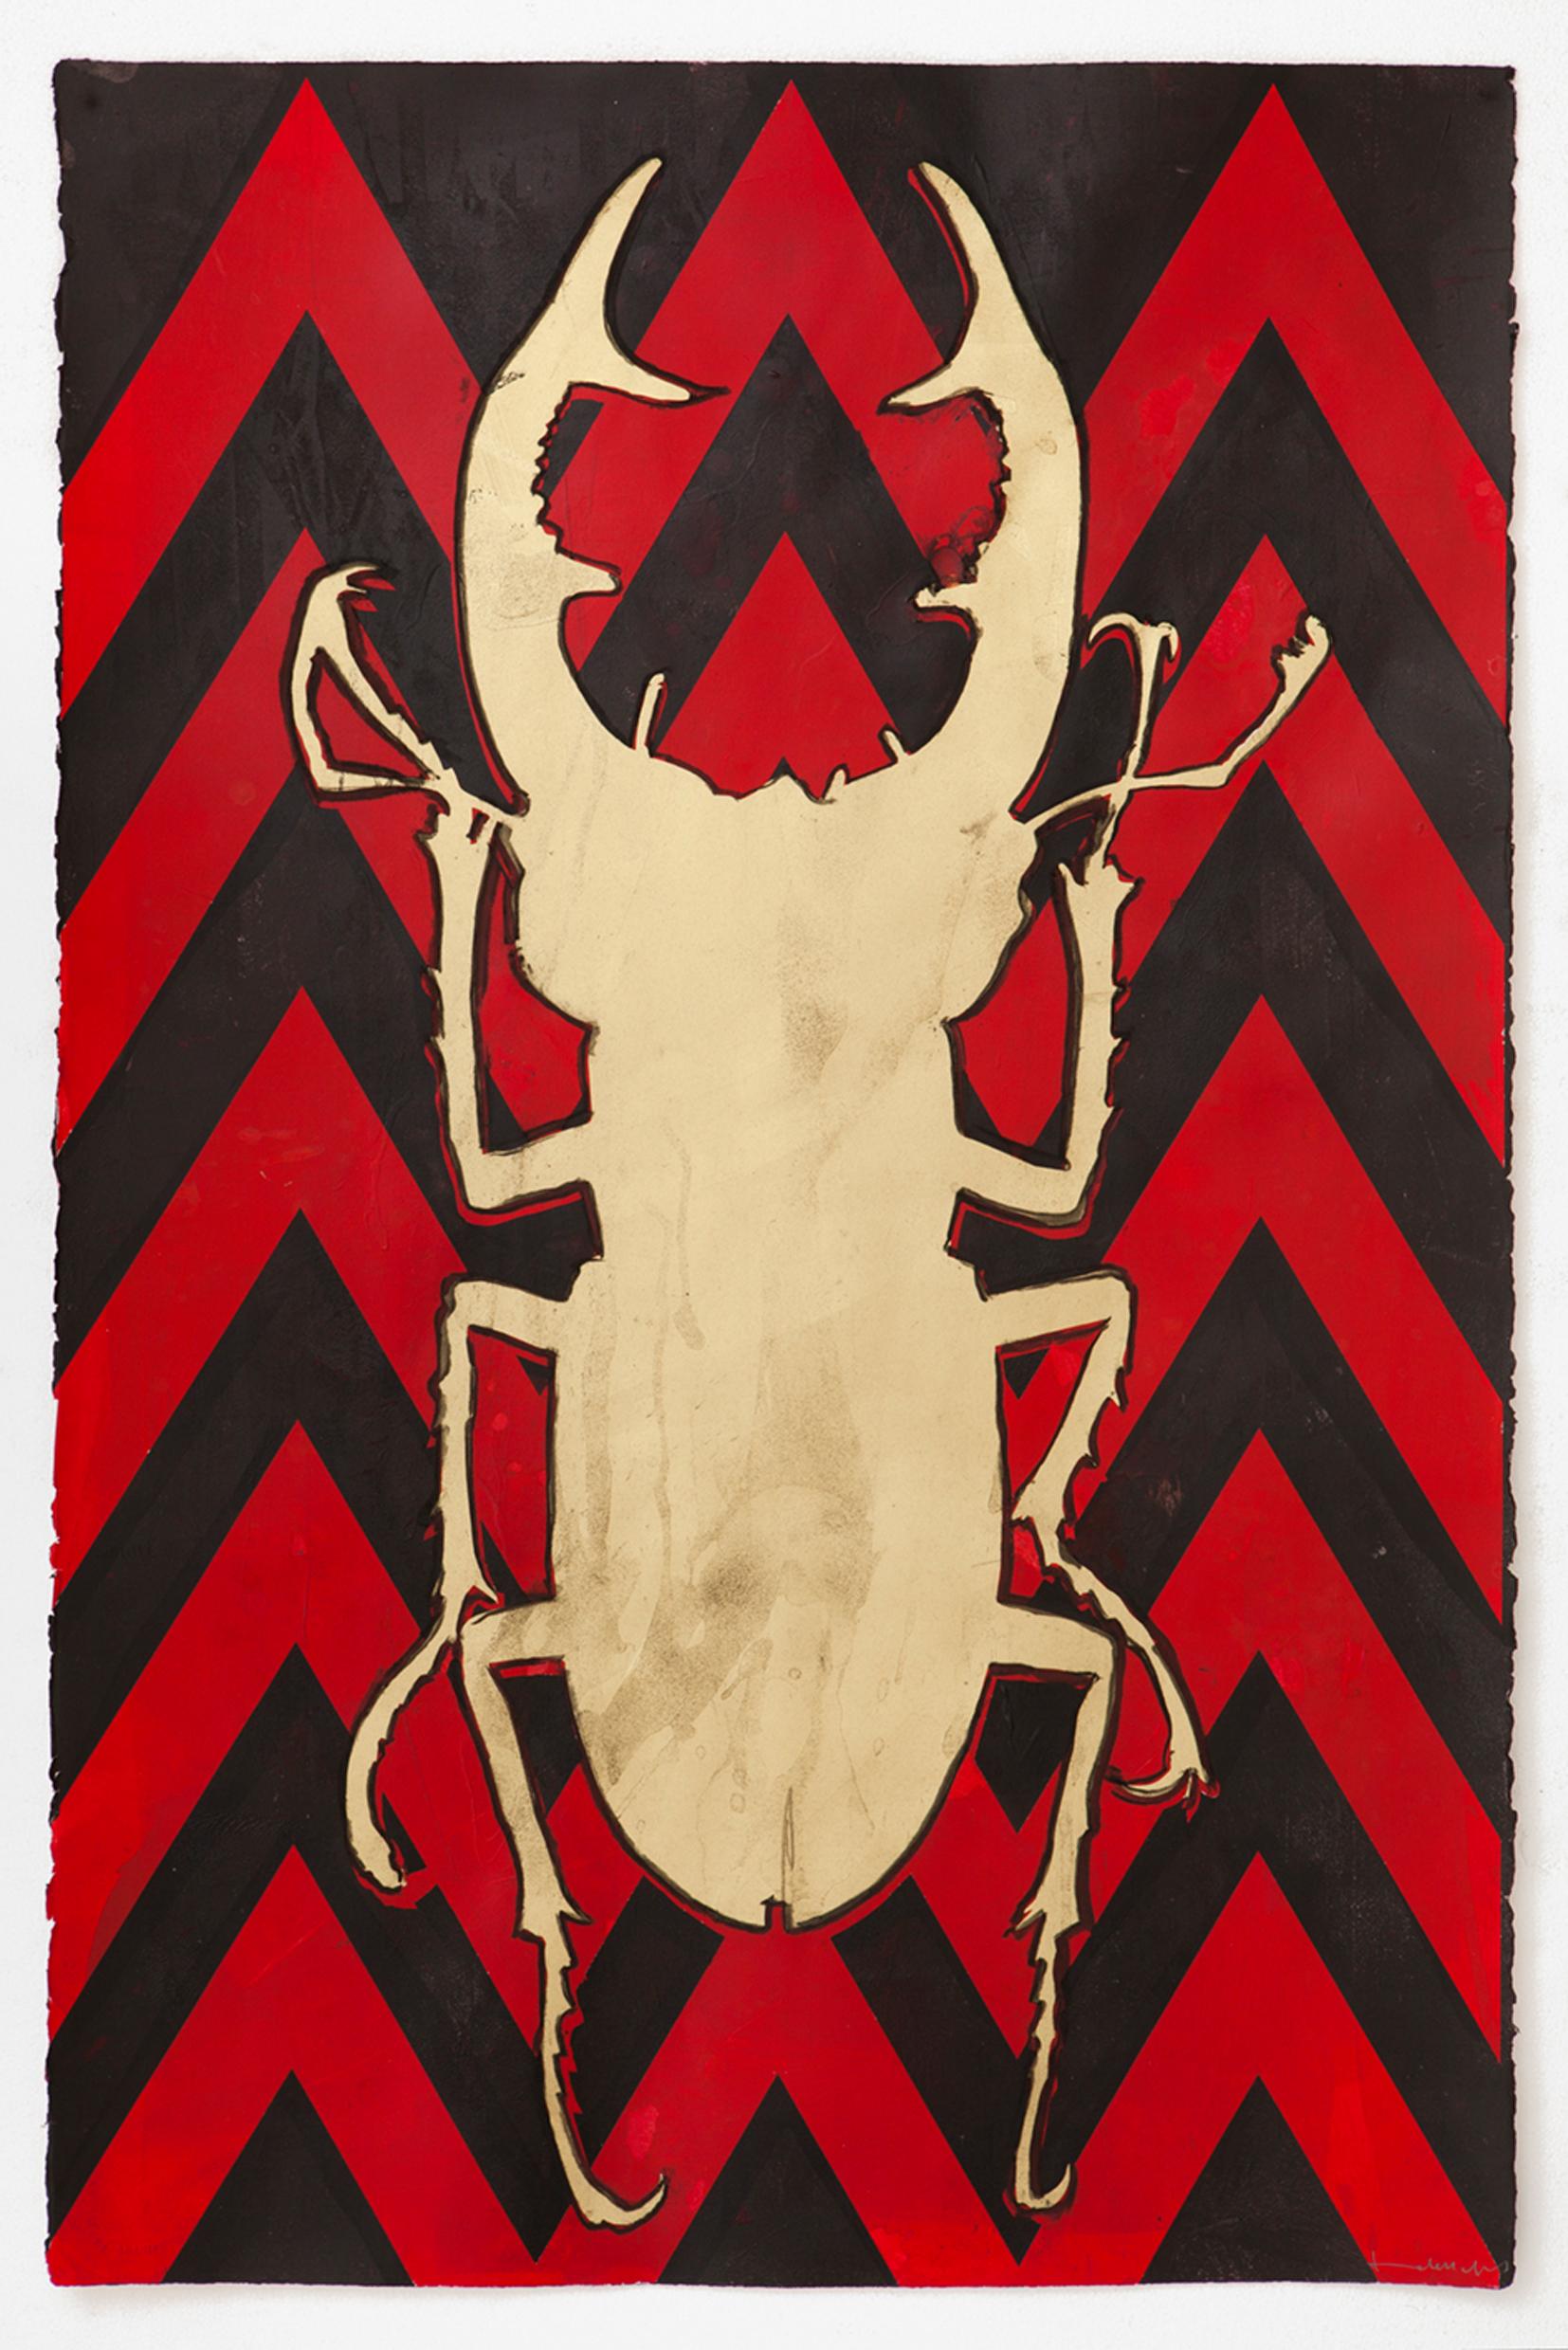 Wittgensteins Beetle 1626